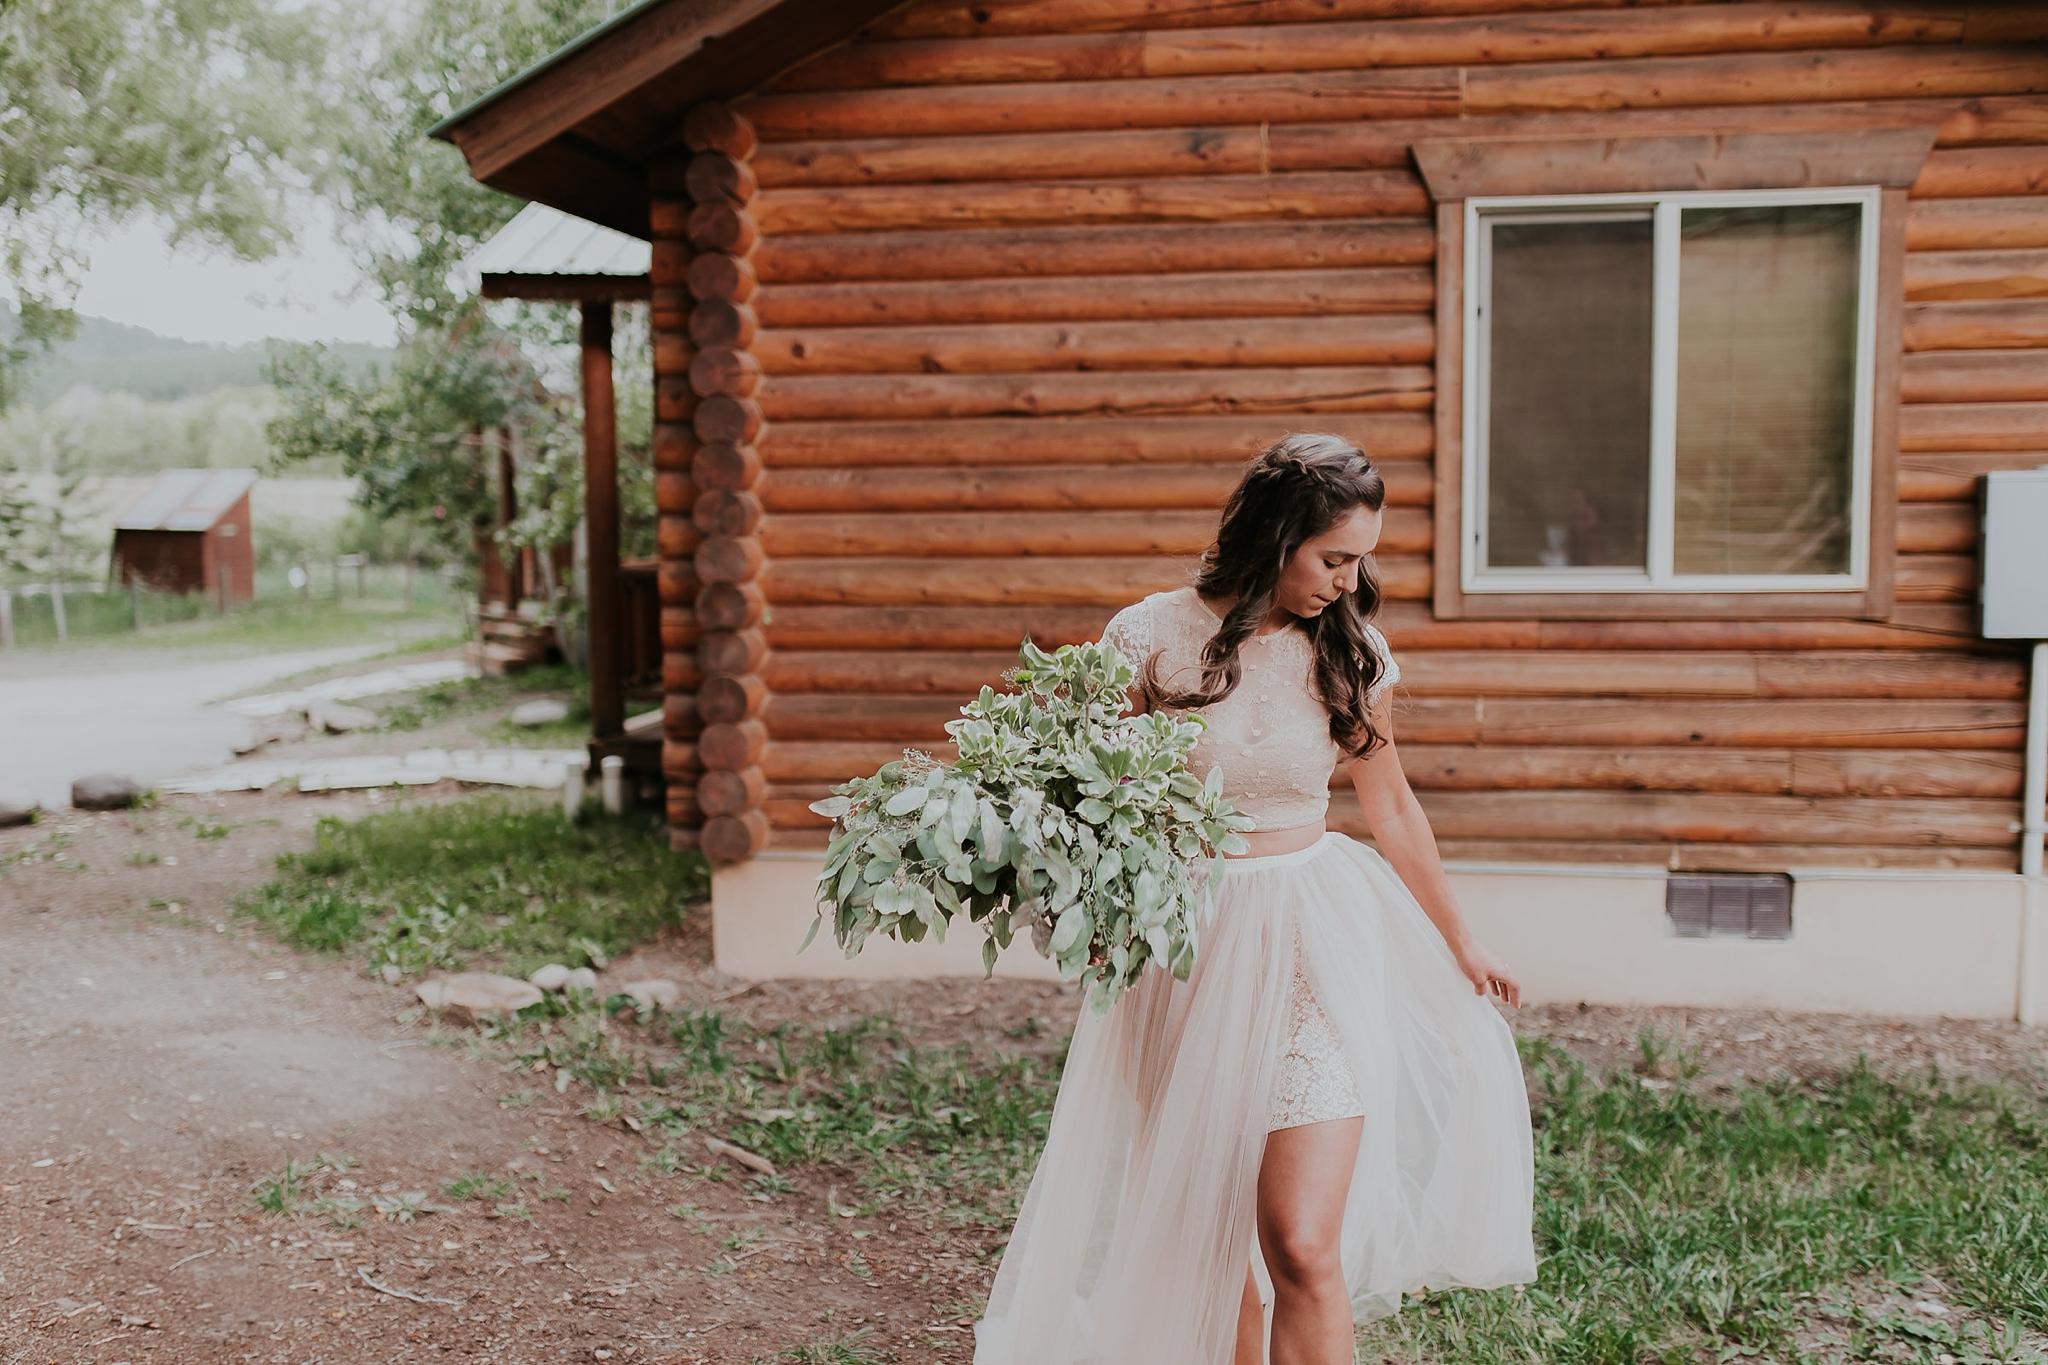 Alicia+lucia+photography+-+albuquerque+wedding+photographer+-+santa+fe+wedding+photography+-+new+mexico+wedding+photographer+-+albuquerque+wedding+-+santa+fe+wedding+-+wedding+gowns+-+non+traditional+wedding+gowns_0006.jpg